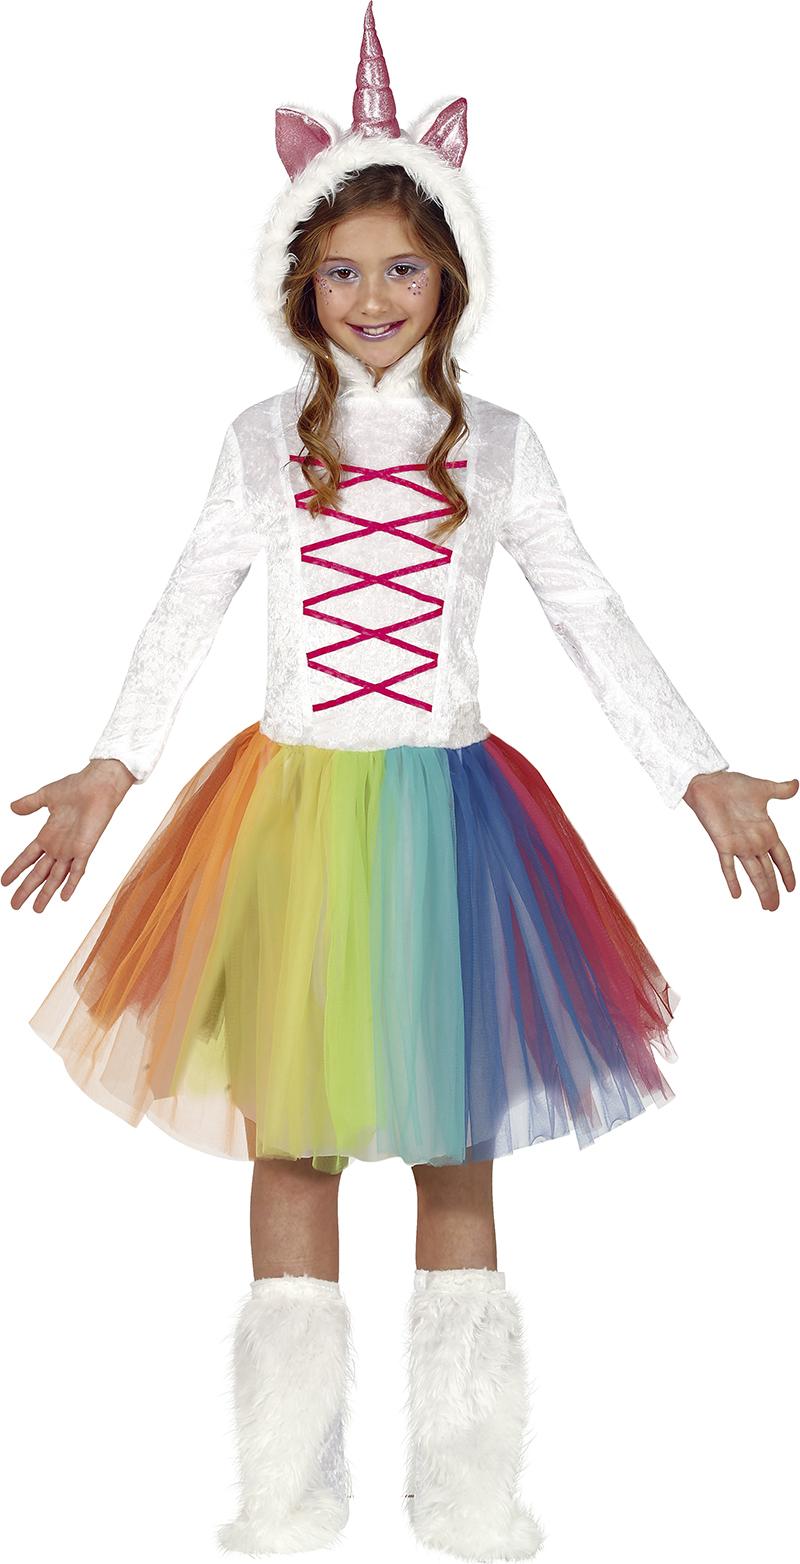 Guirca Detský kostým - Jednorožec farebný Veľkosť - deti: S